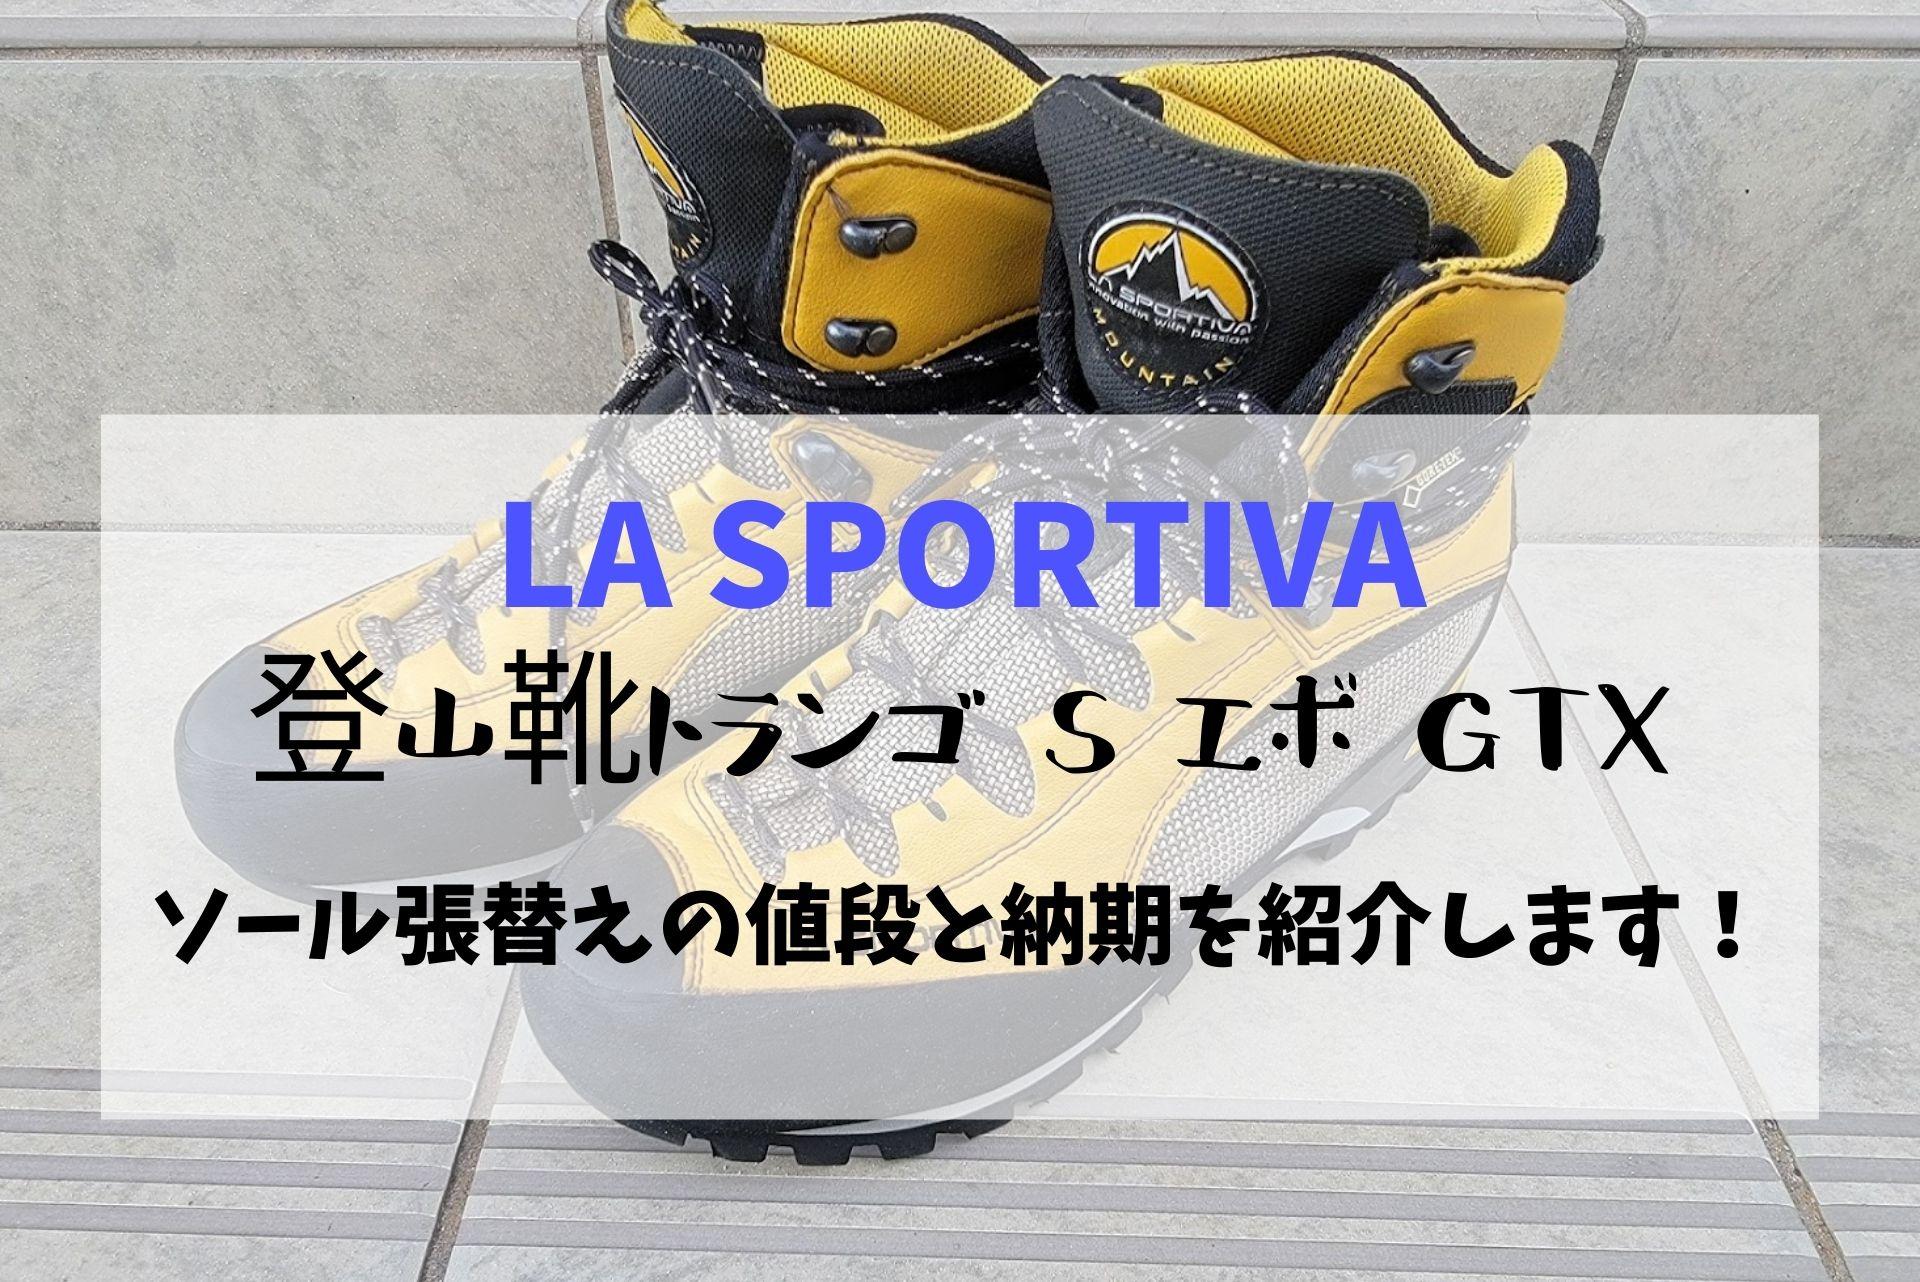 登山靴トランゴ S エボ GTXのソール張替えの値段と納期を紹介します!スポルティバ